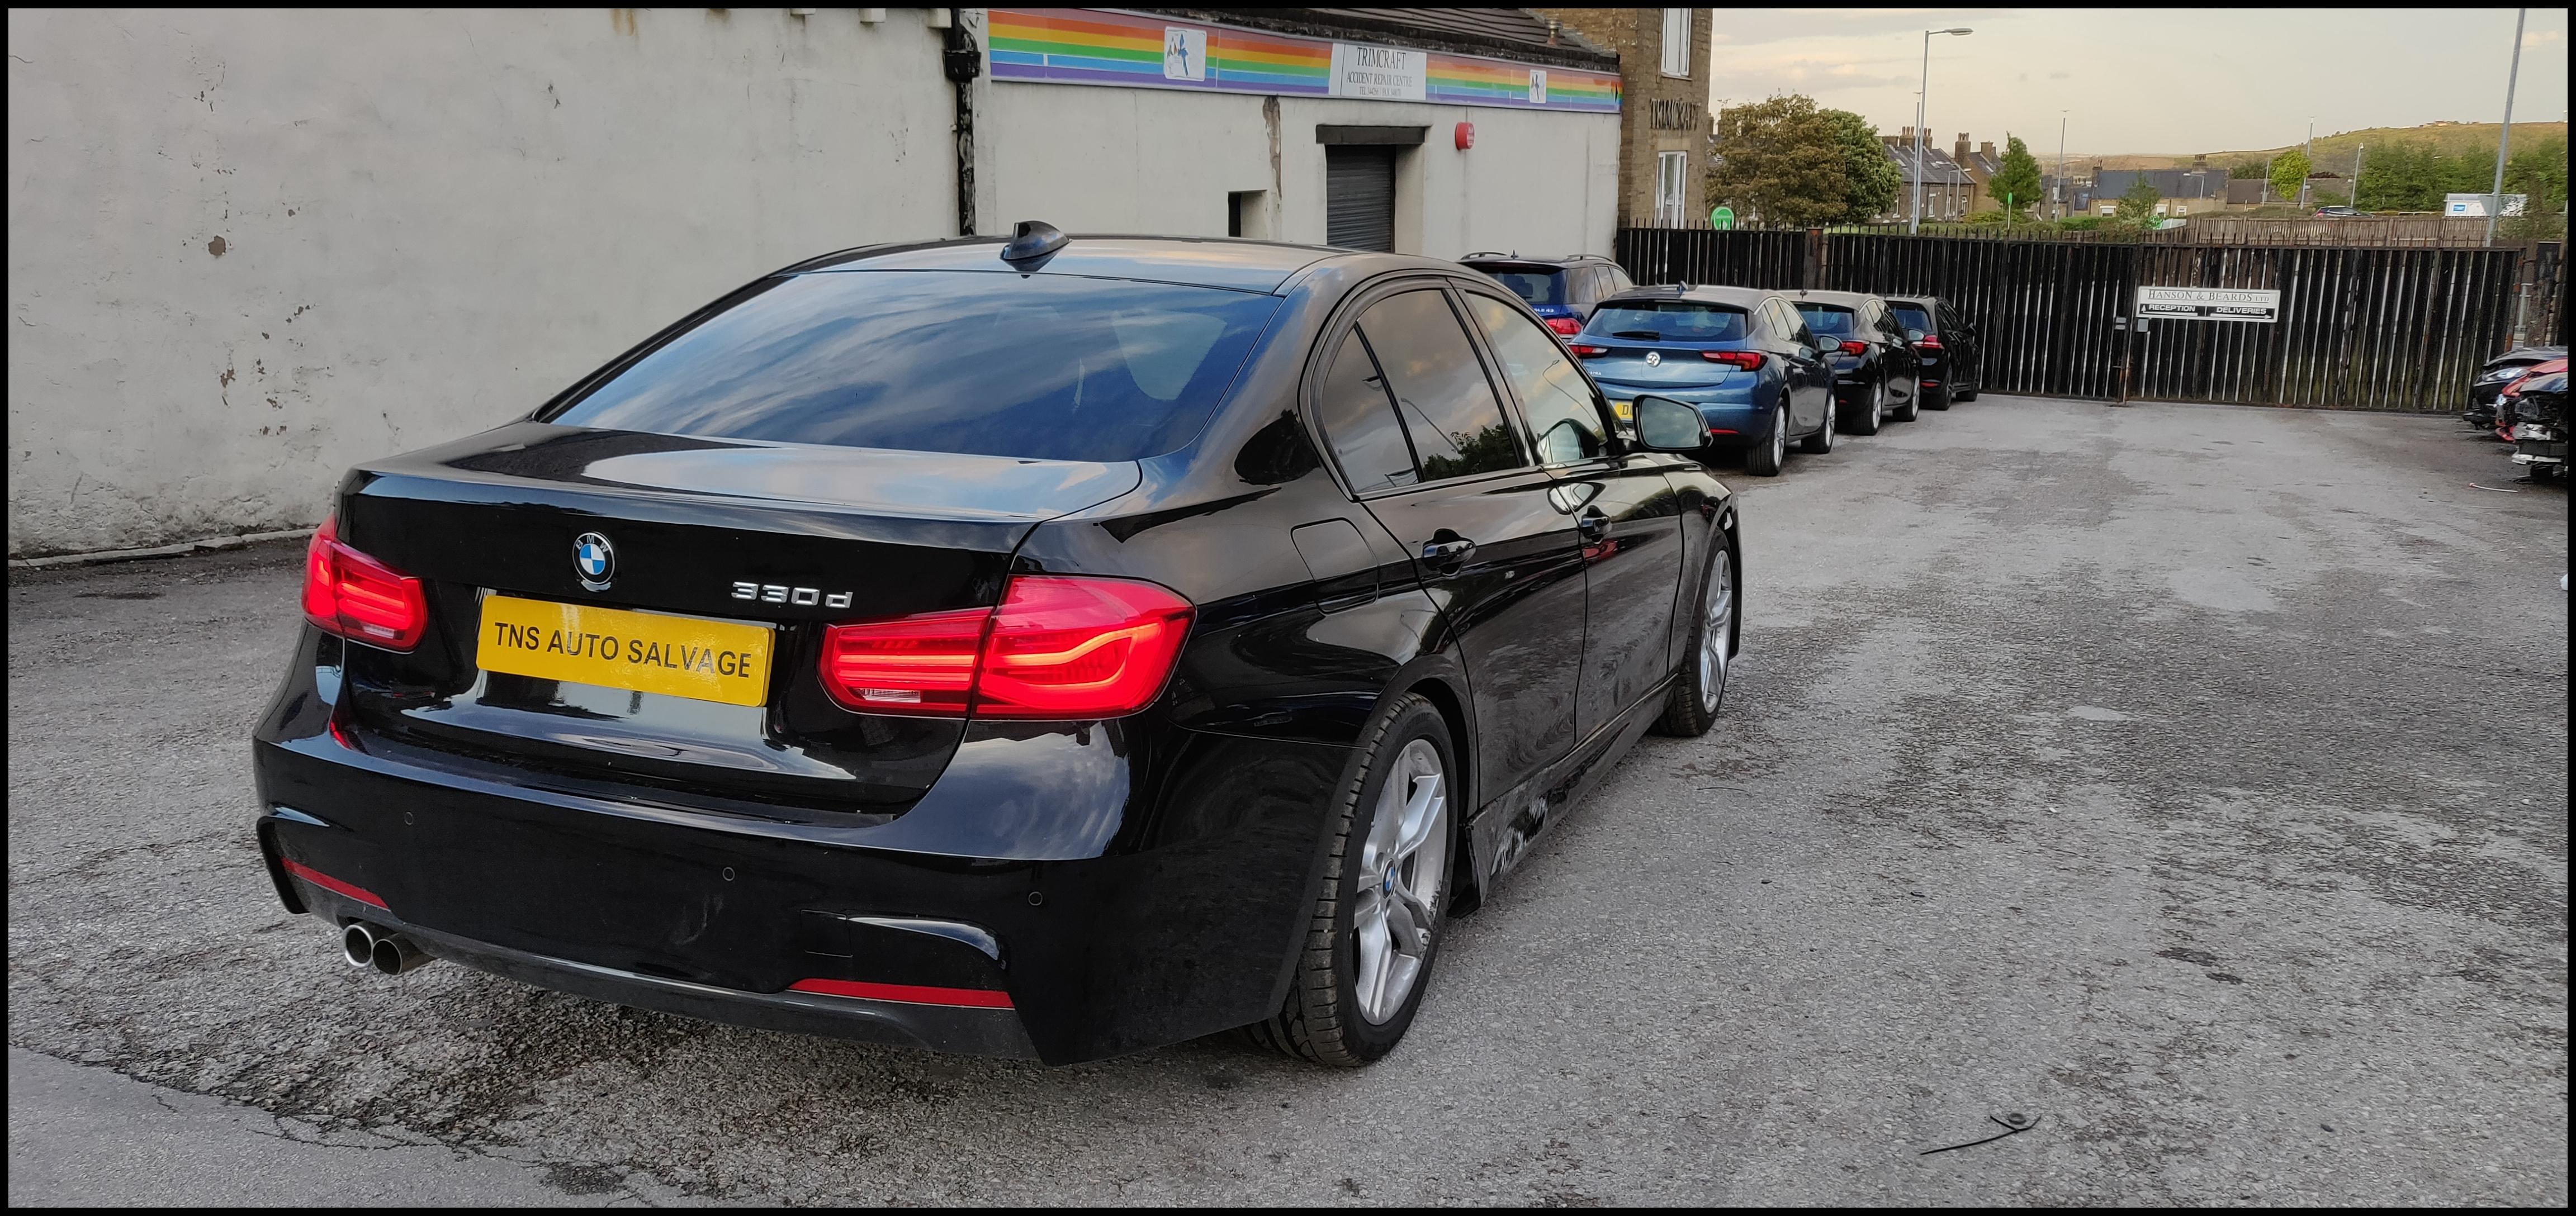 2018 18 BMW 3 SERIES 330D M SPORT AUTO CAT S DAMAGED SALVAGE TNS Autosalvage